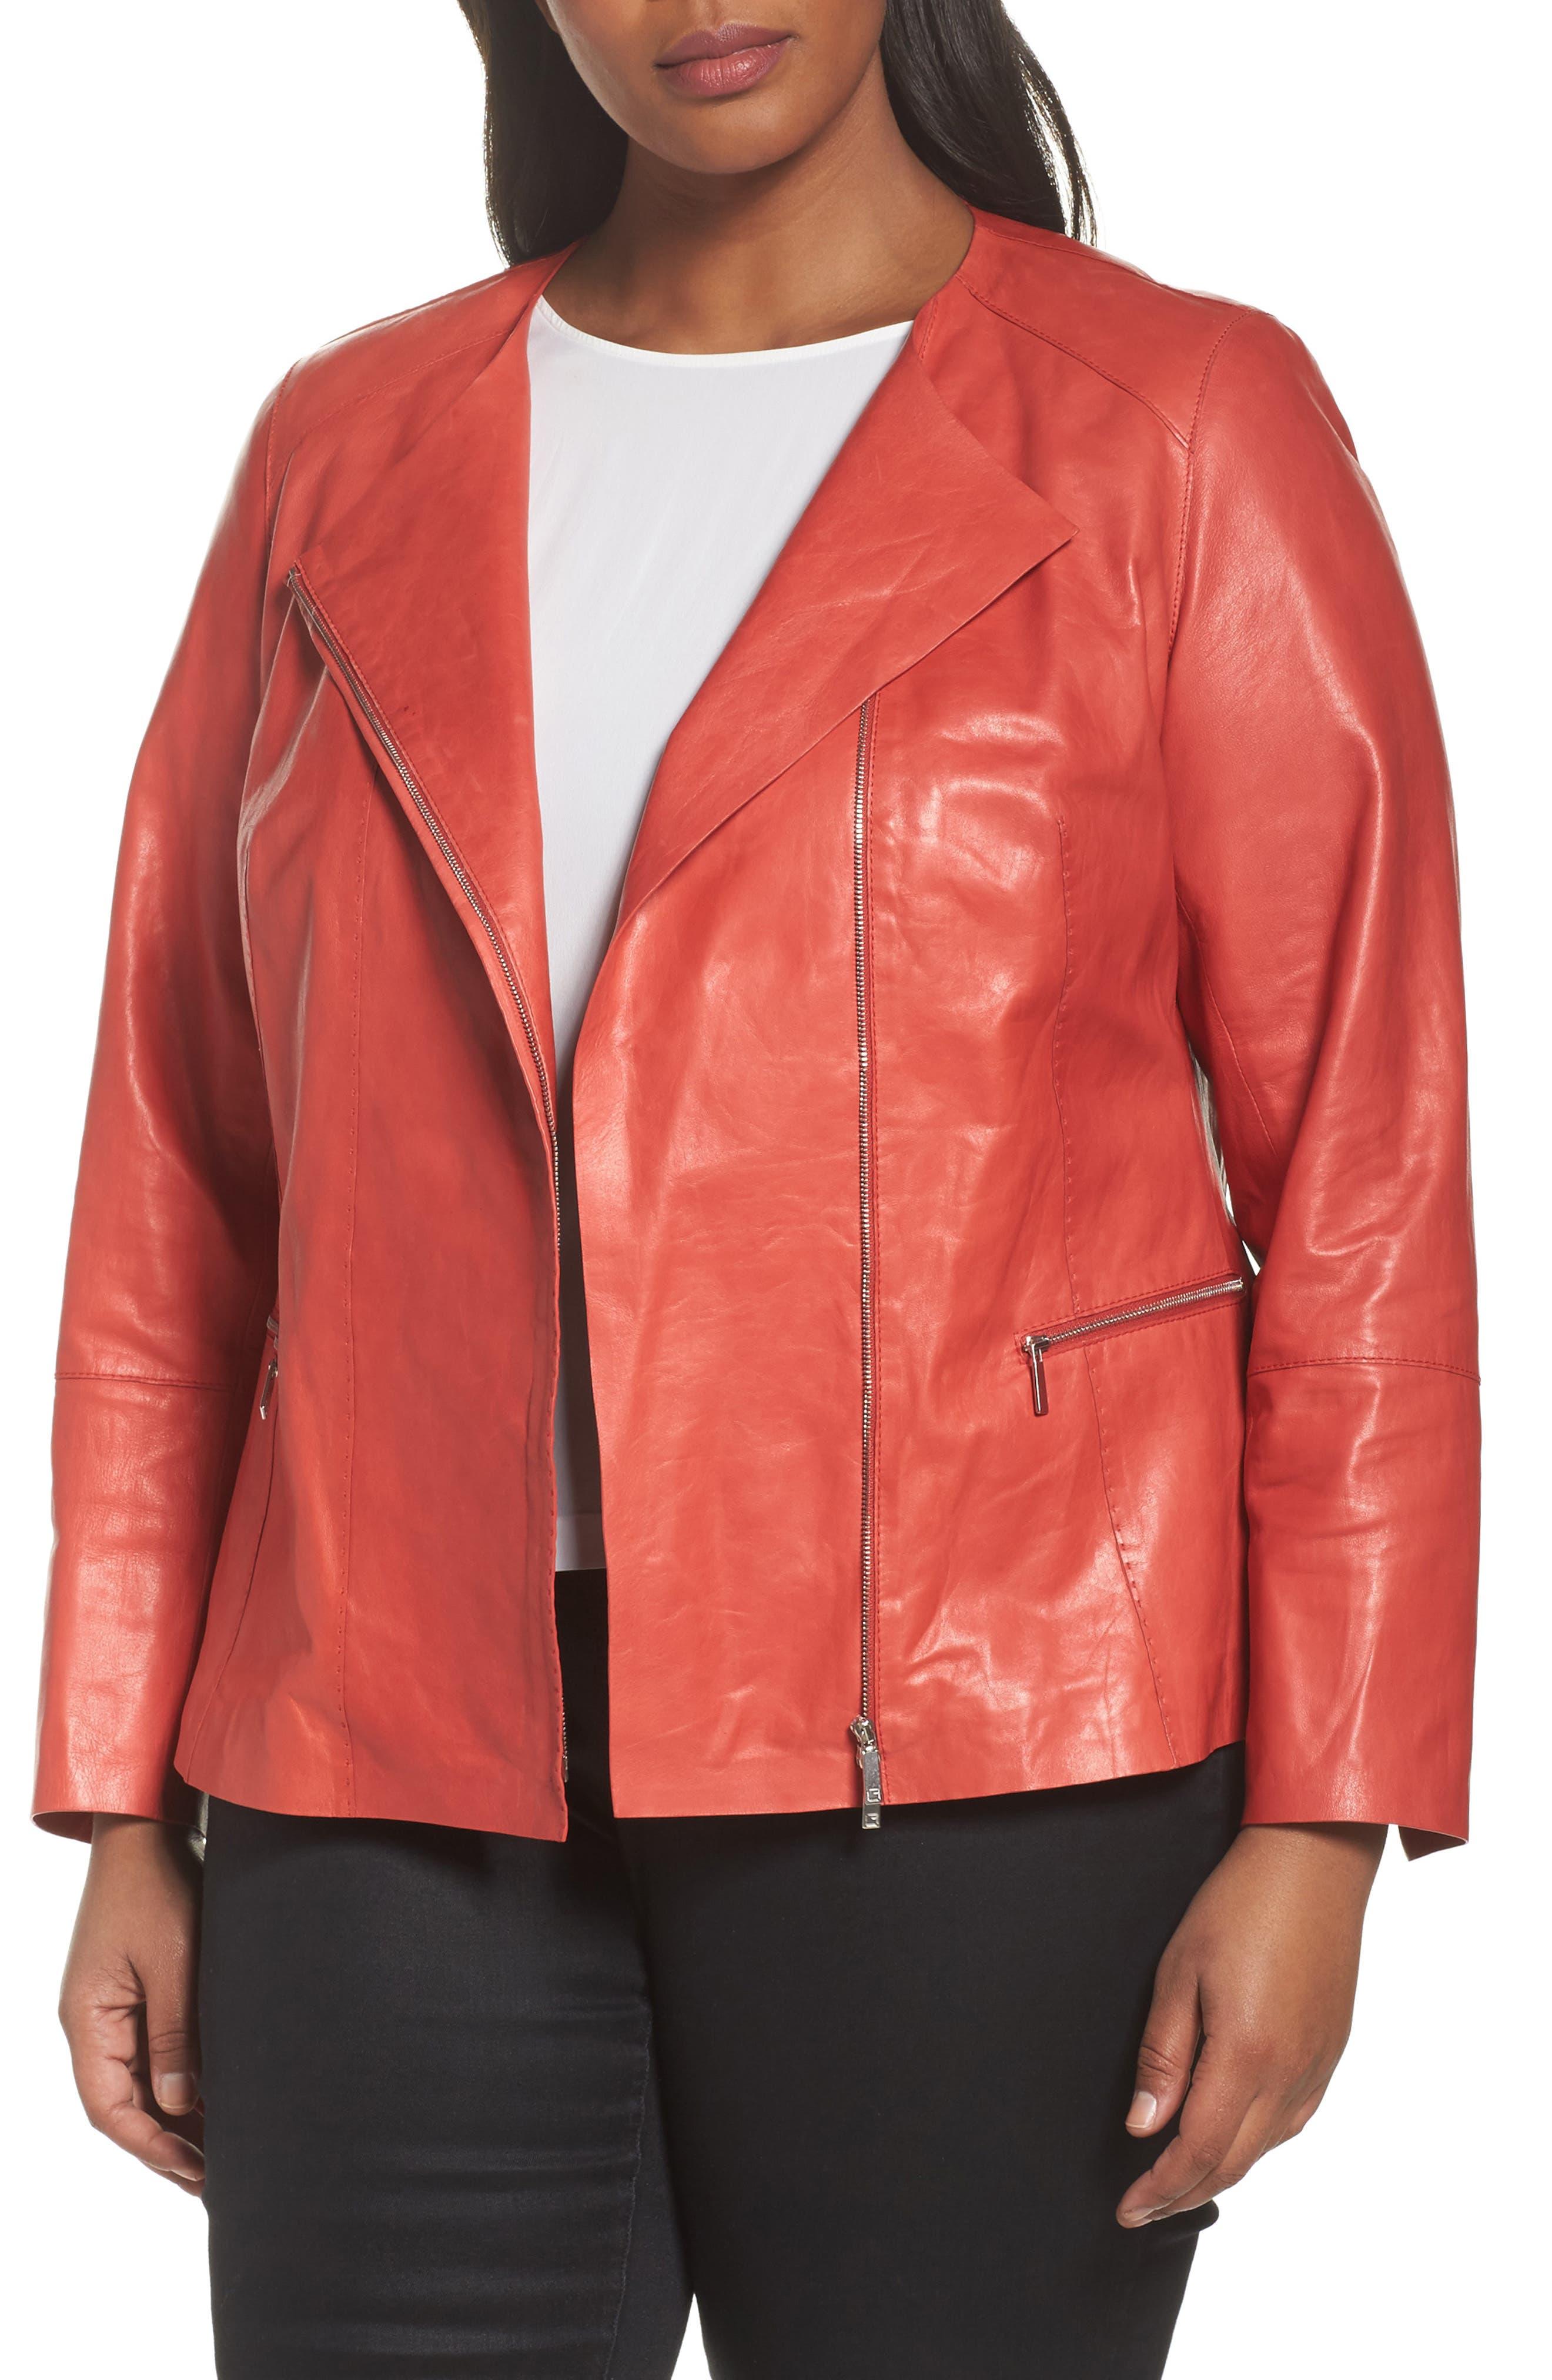 Lafayette 148 New York Caridee Glazed Lambskin Leather Jacket (Plus Size)